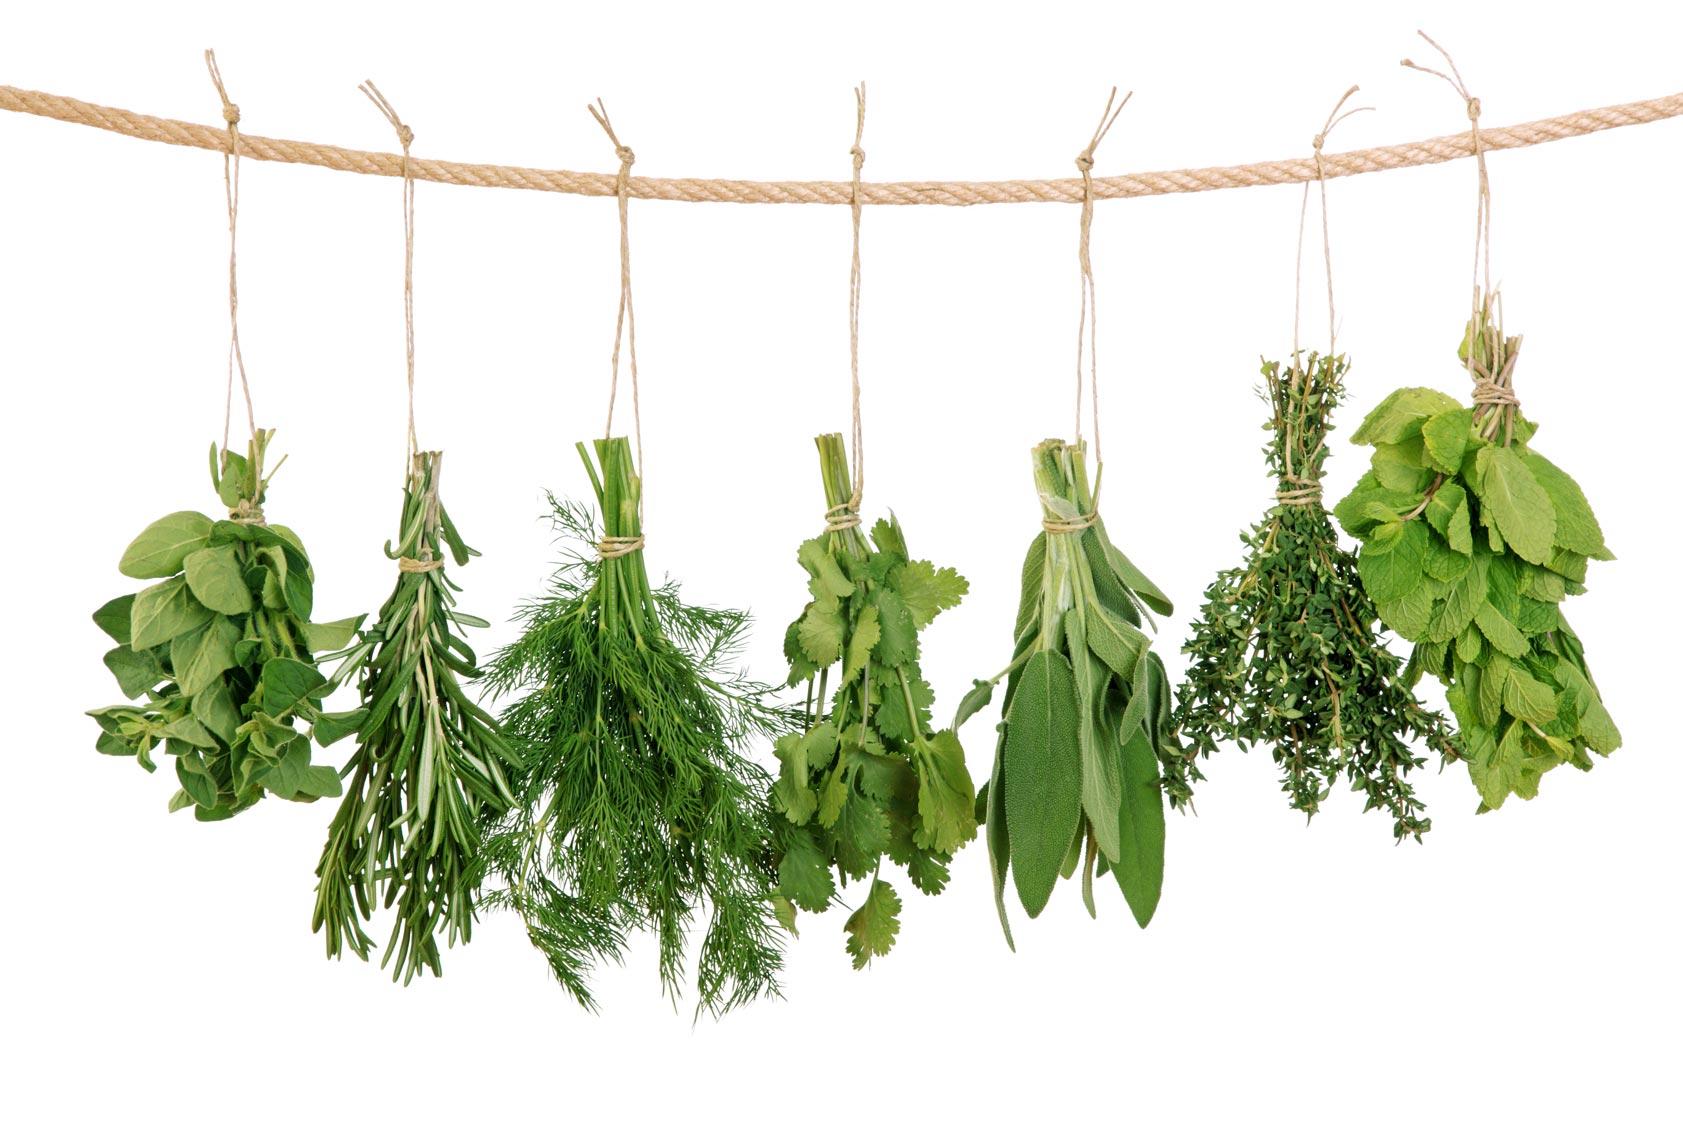 welche pflanzen sind auf den bild zu erkennen gesundheit garten kr uter. Black Bedroom Furniture Sets. Home Design Ideas